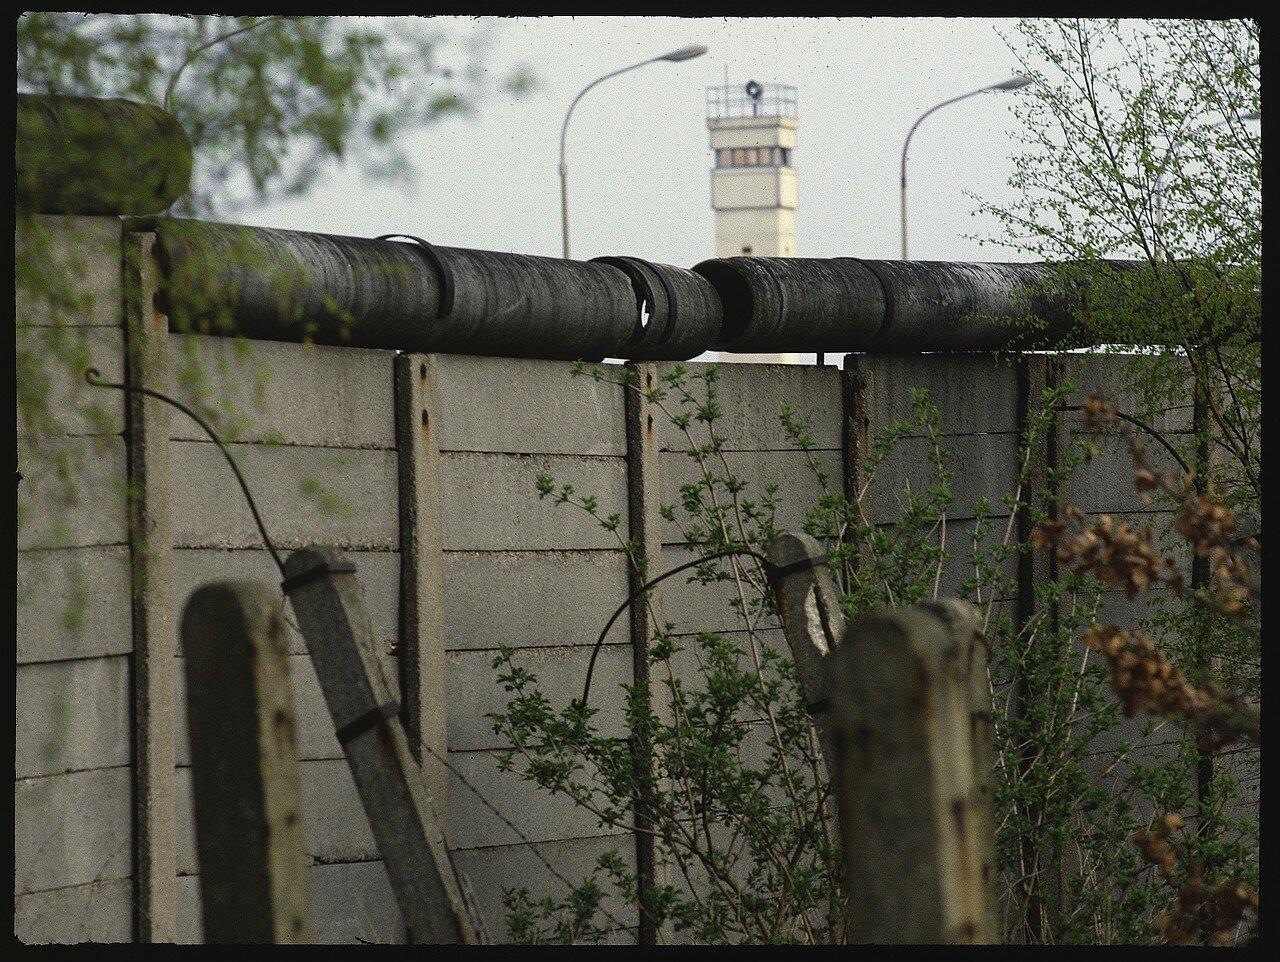 Западный Берлин. Заграждения возле Любарс. Вид стены напротив сторожевой вышки